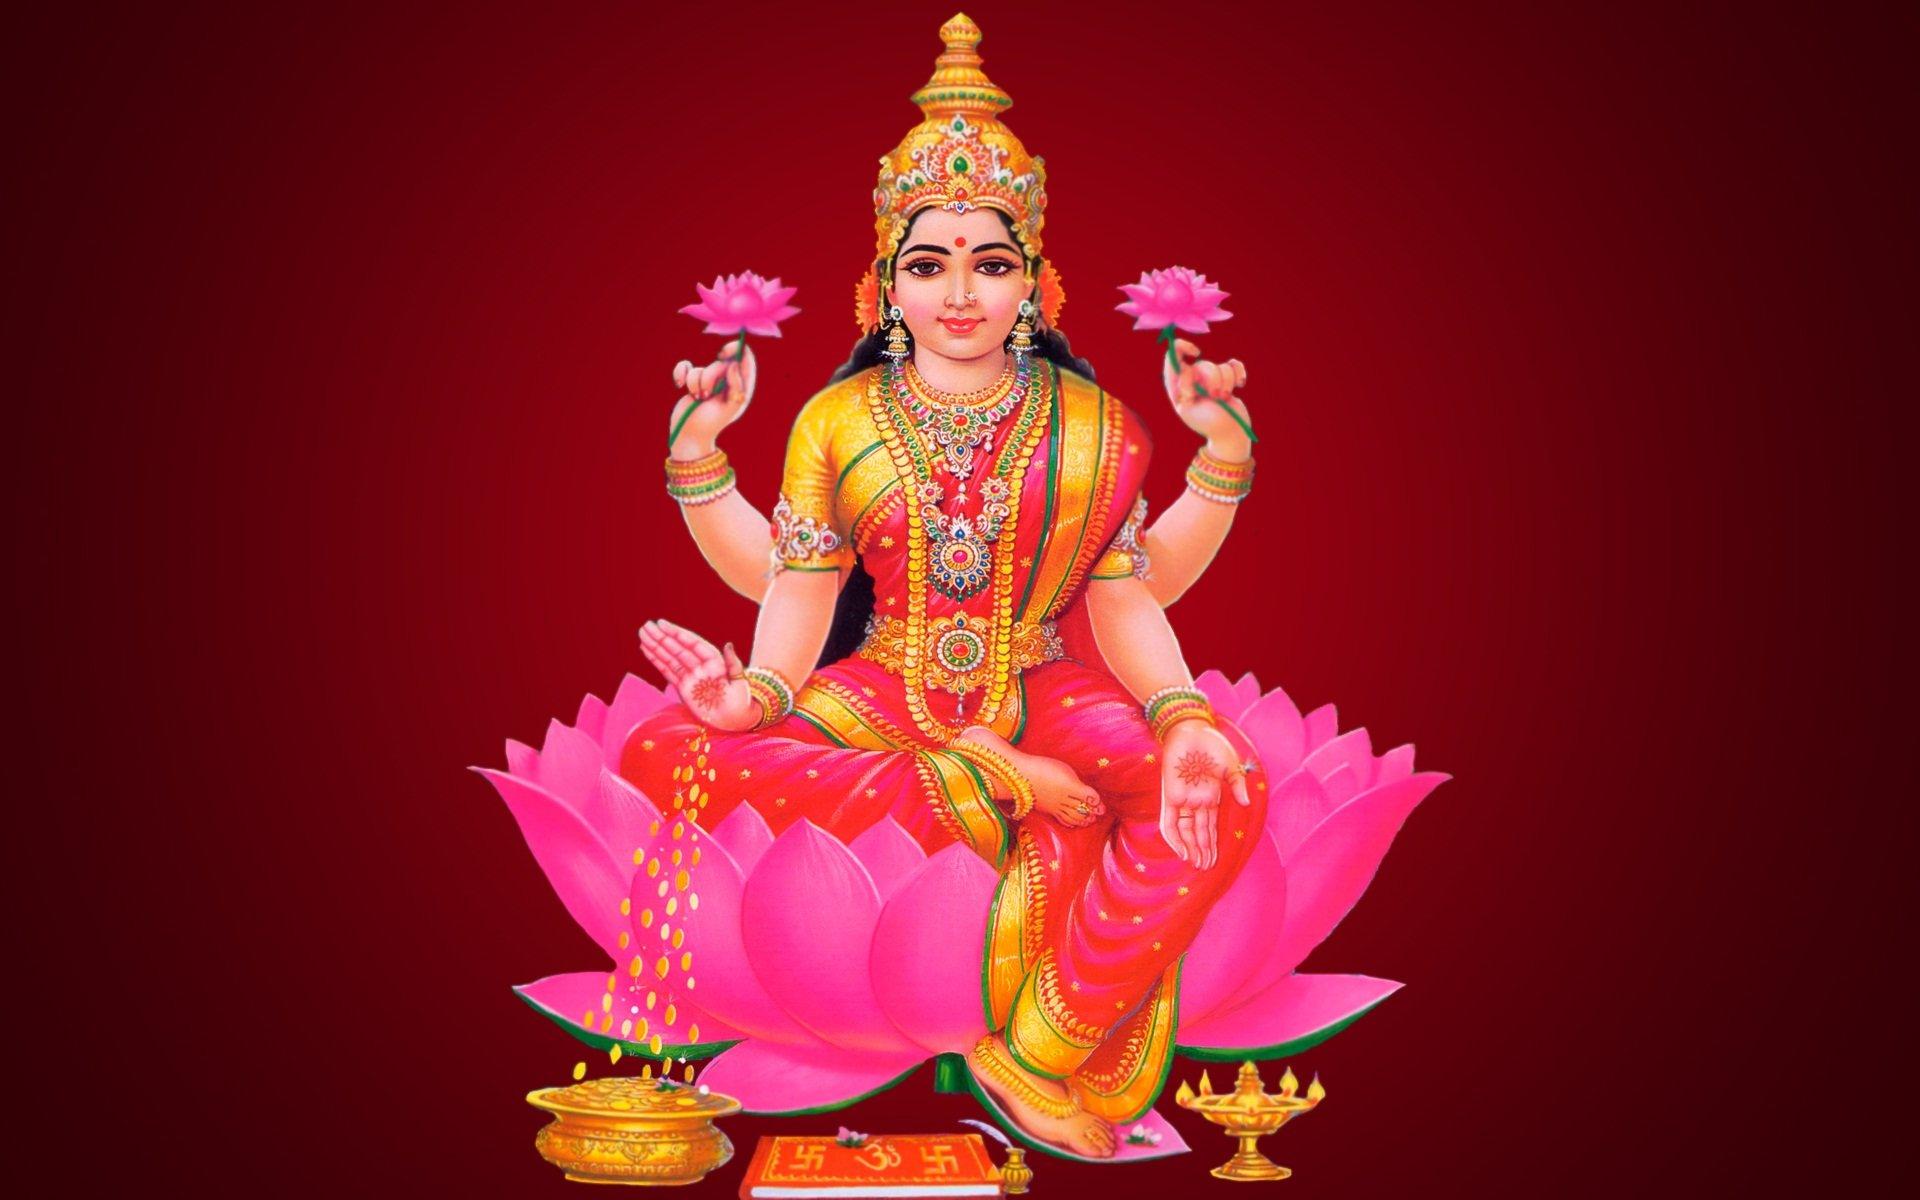 Мантра для привлечения денег богине Лакшми